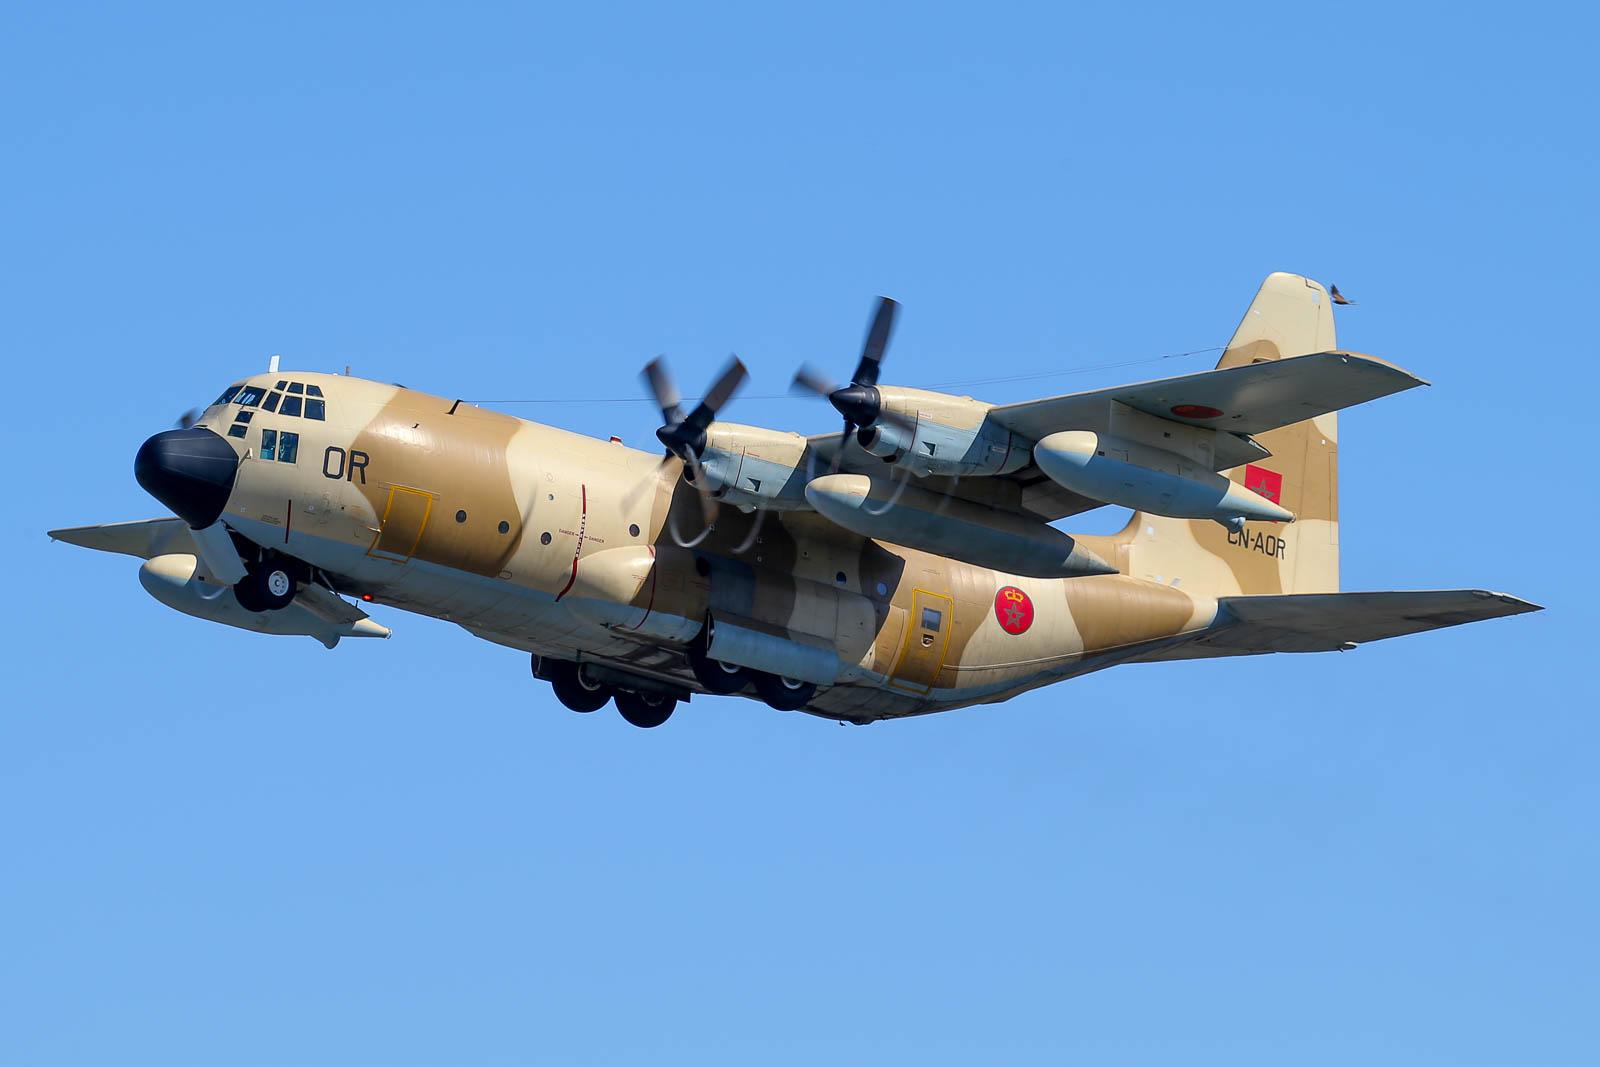 FRA: Photos d'avions de transport - Page 40 50217615582_d7f80f4bcc_o_d